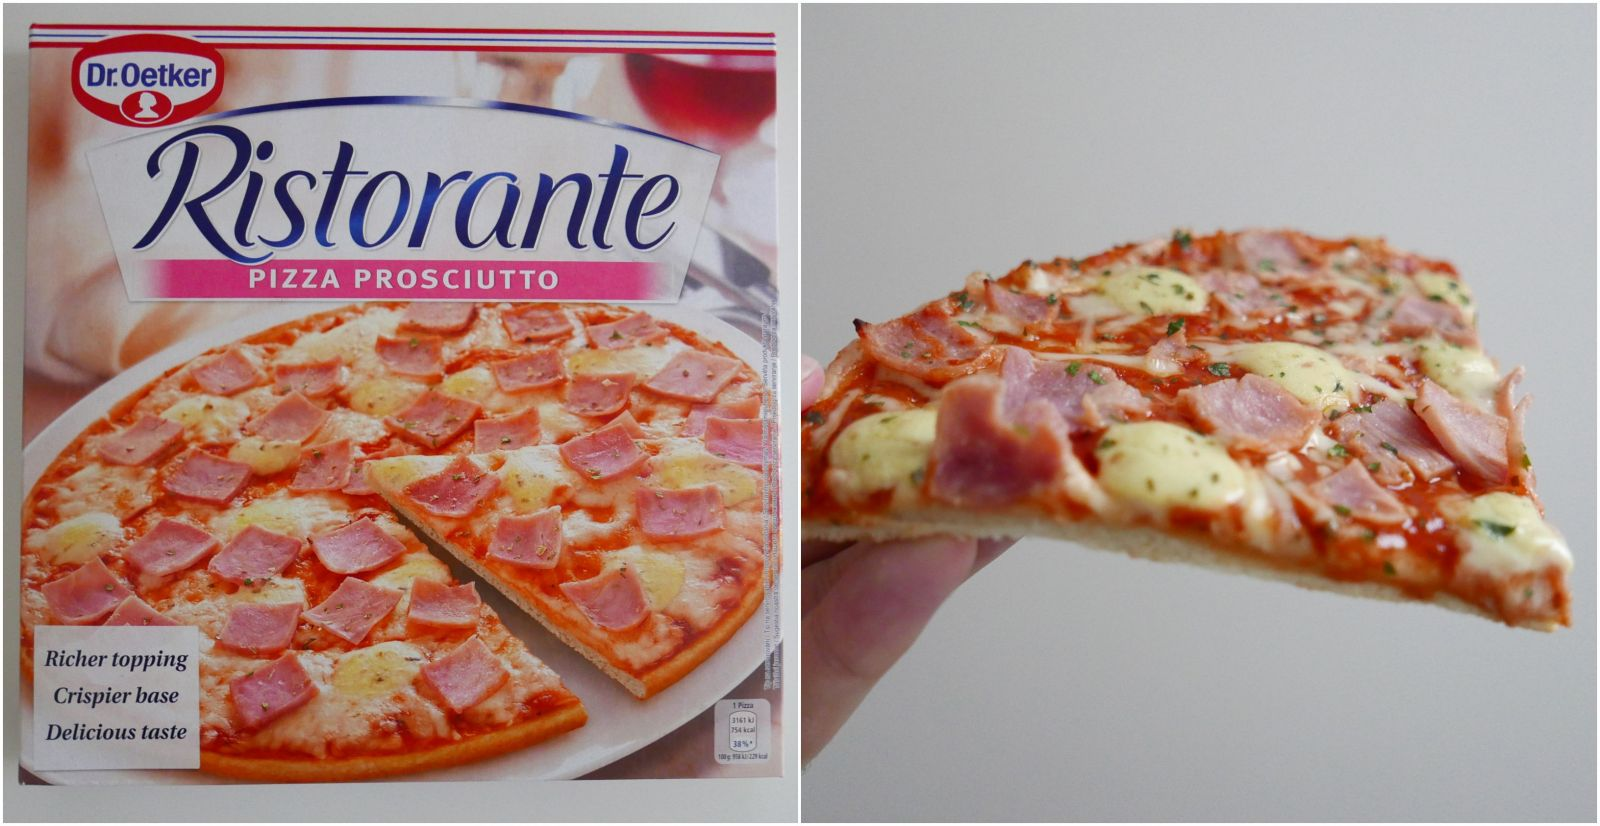 mrazena pizza test